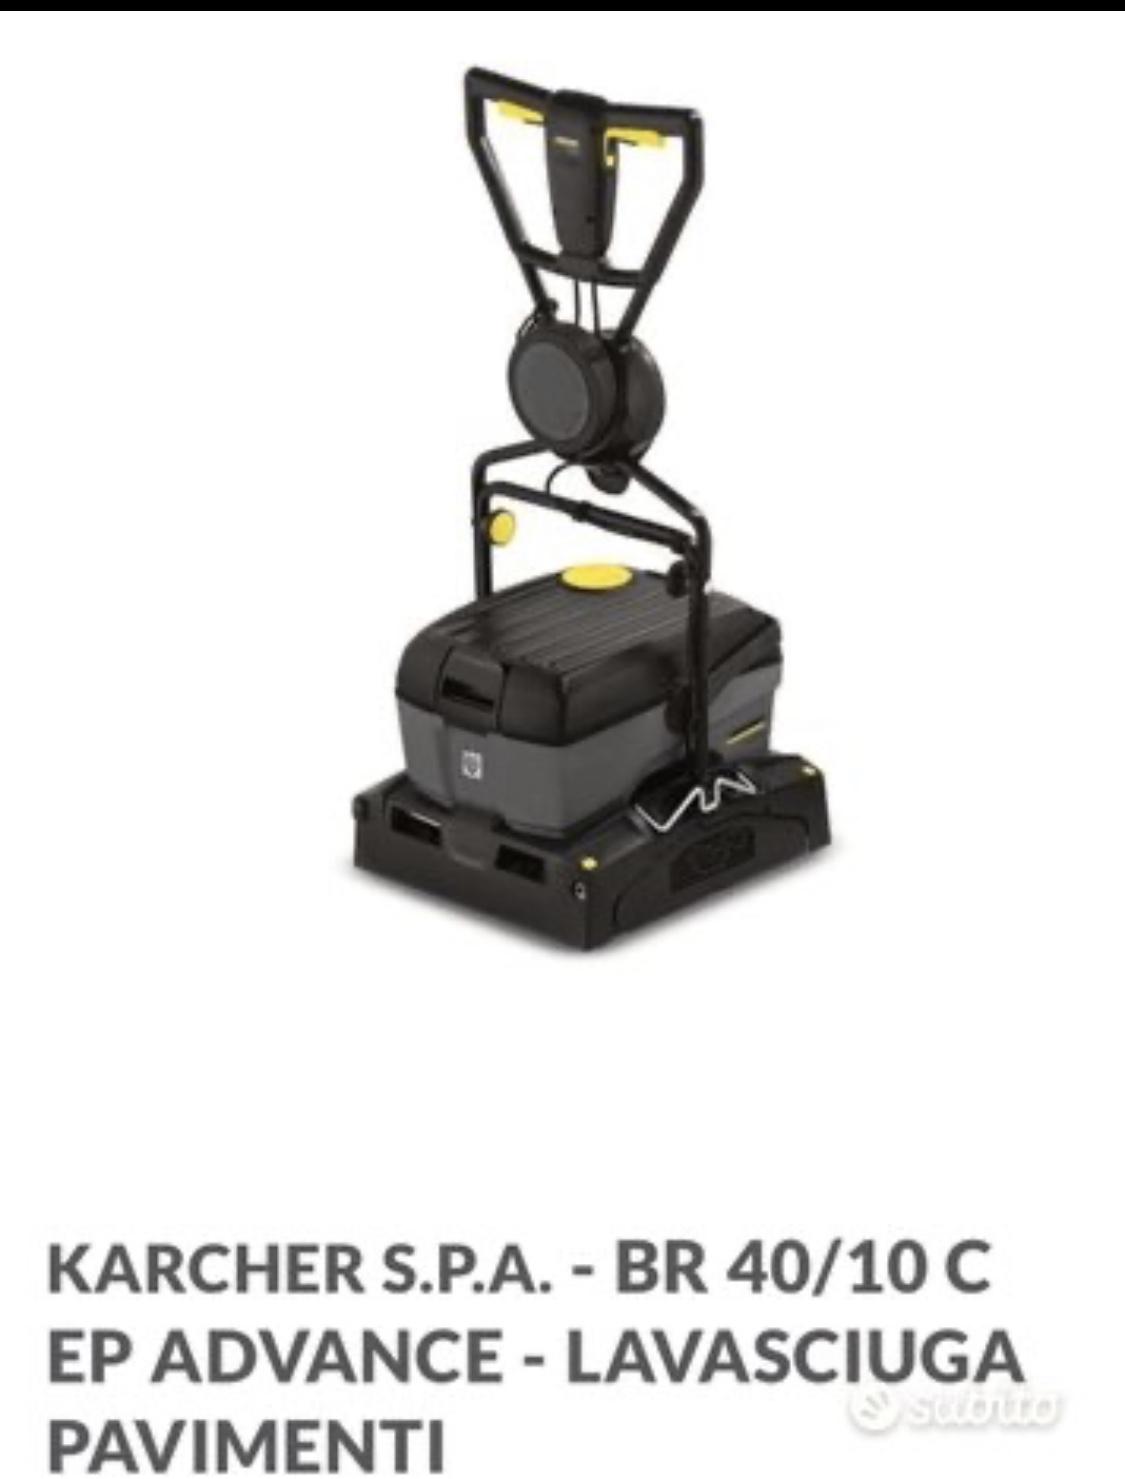 Lavasciuga pavimenti professionale  in vendita - foto 1